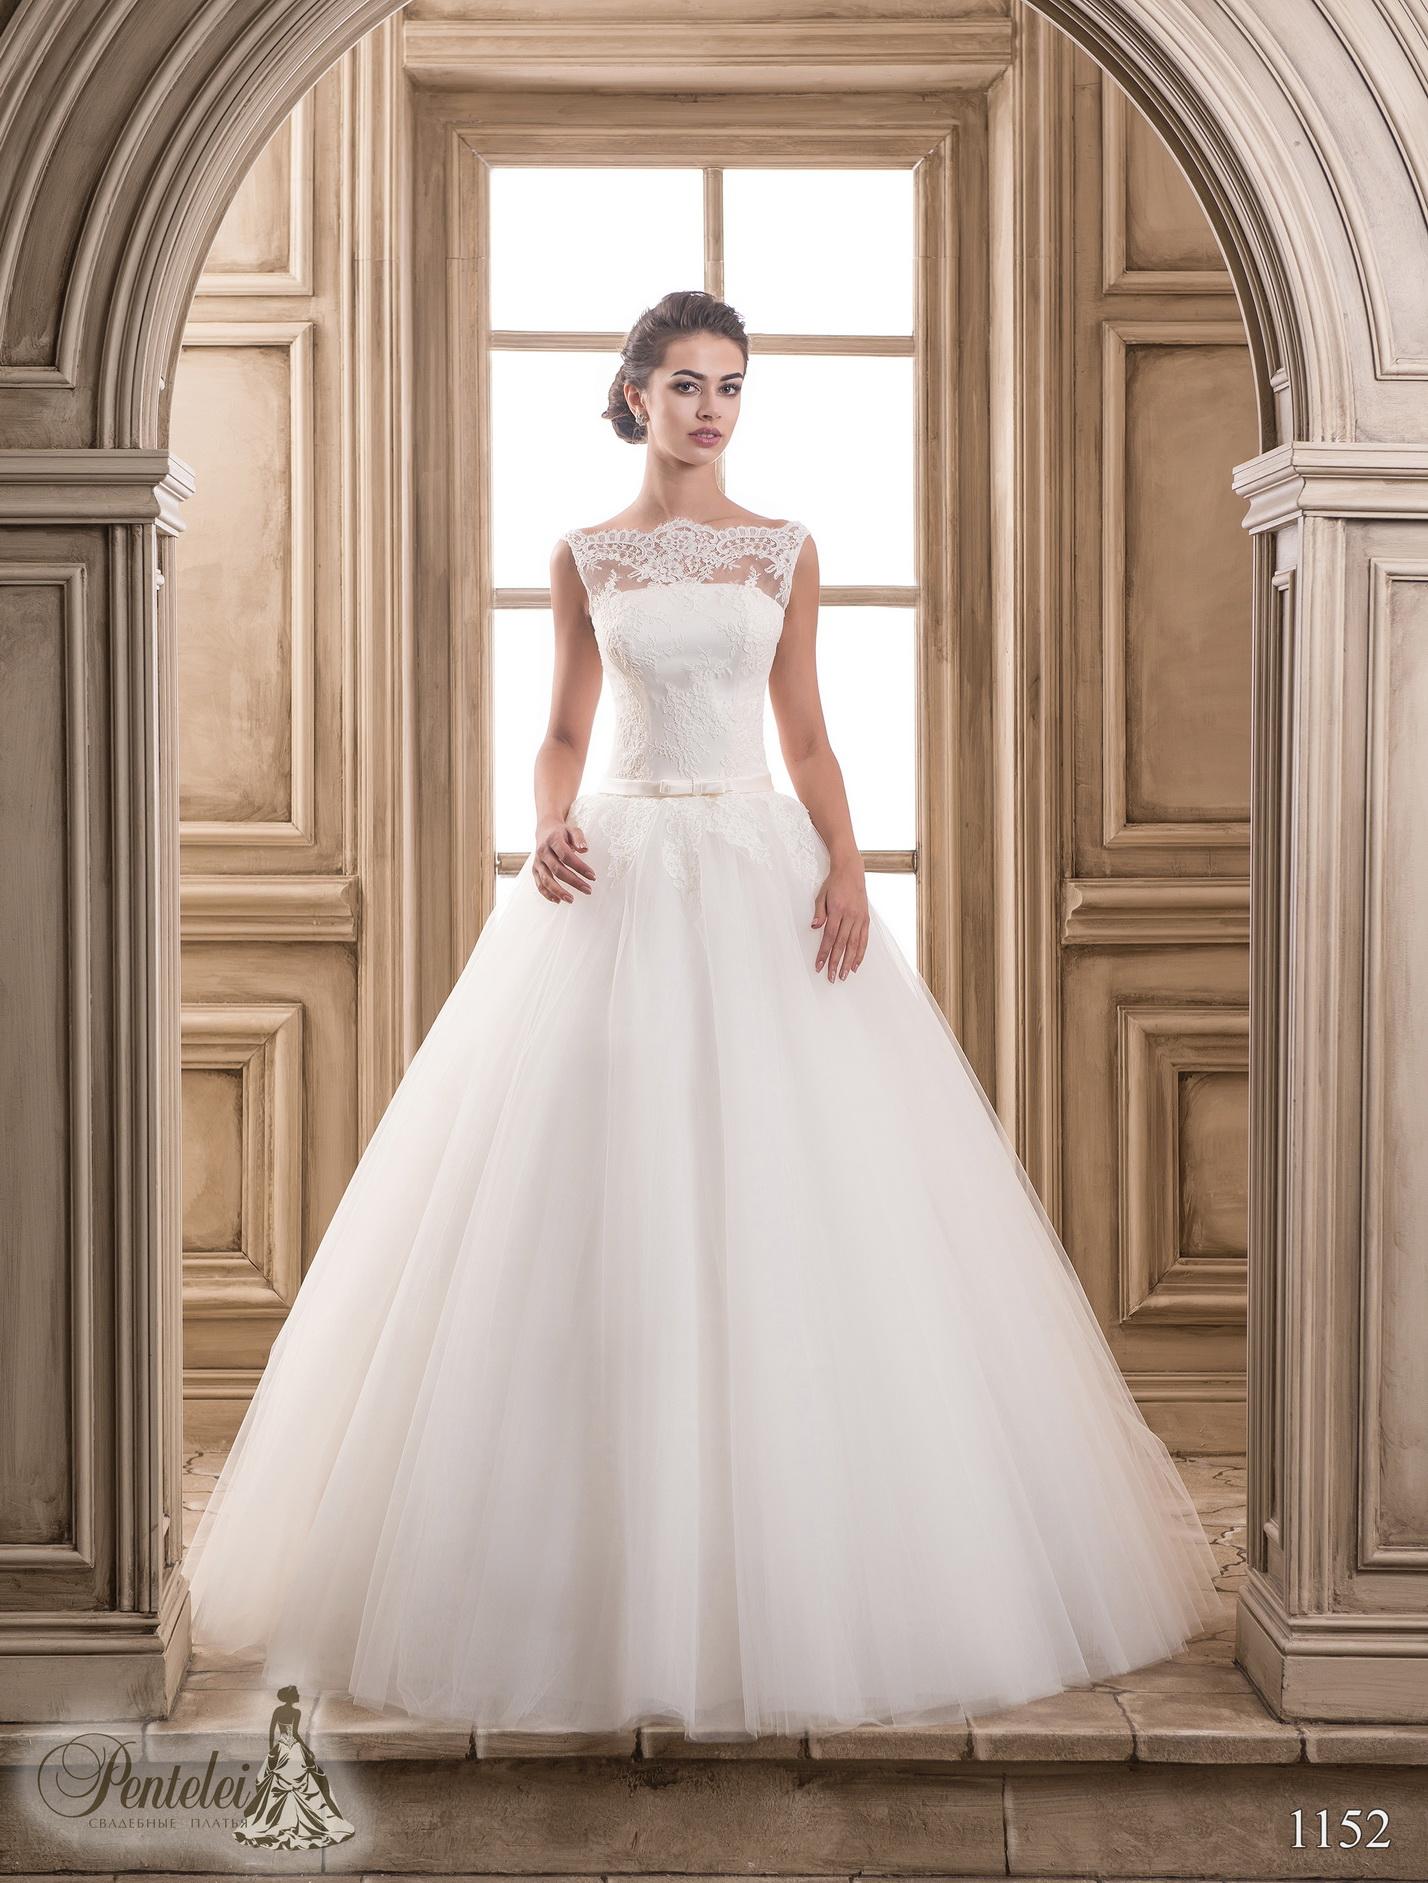 1152 | Купить свадебные платья оптом от Pentelei